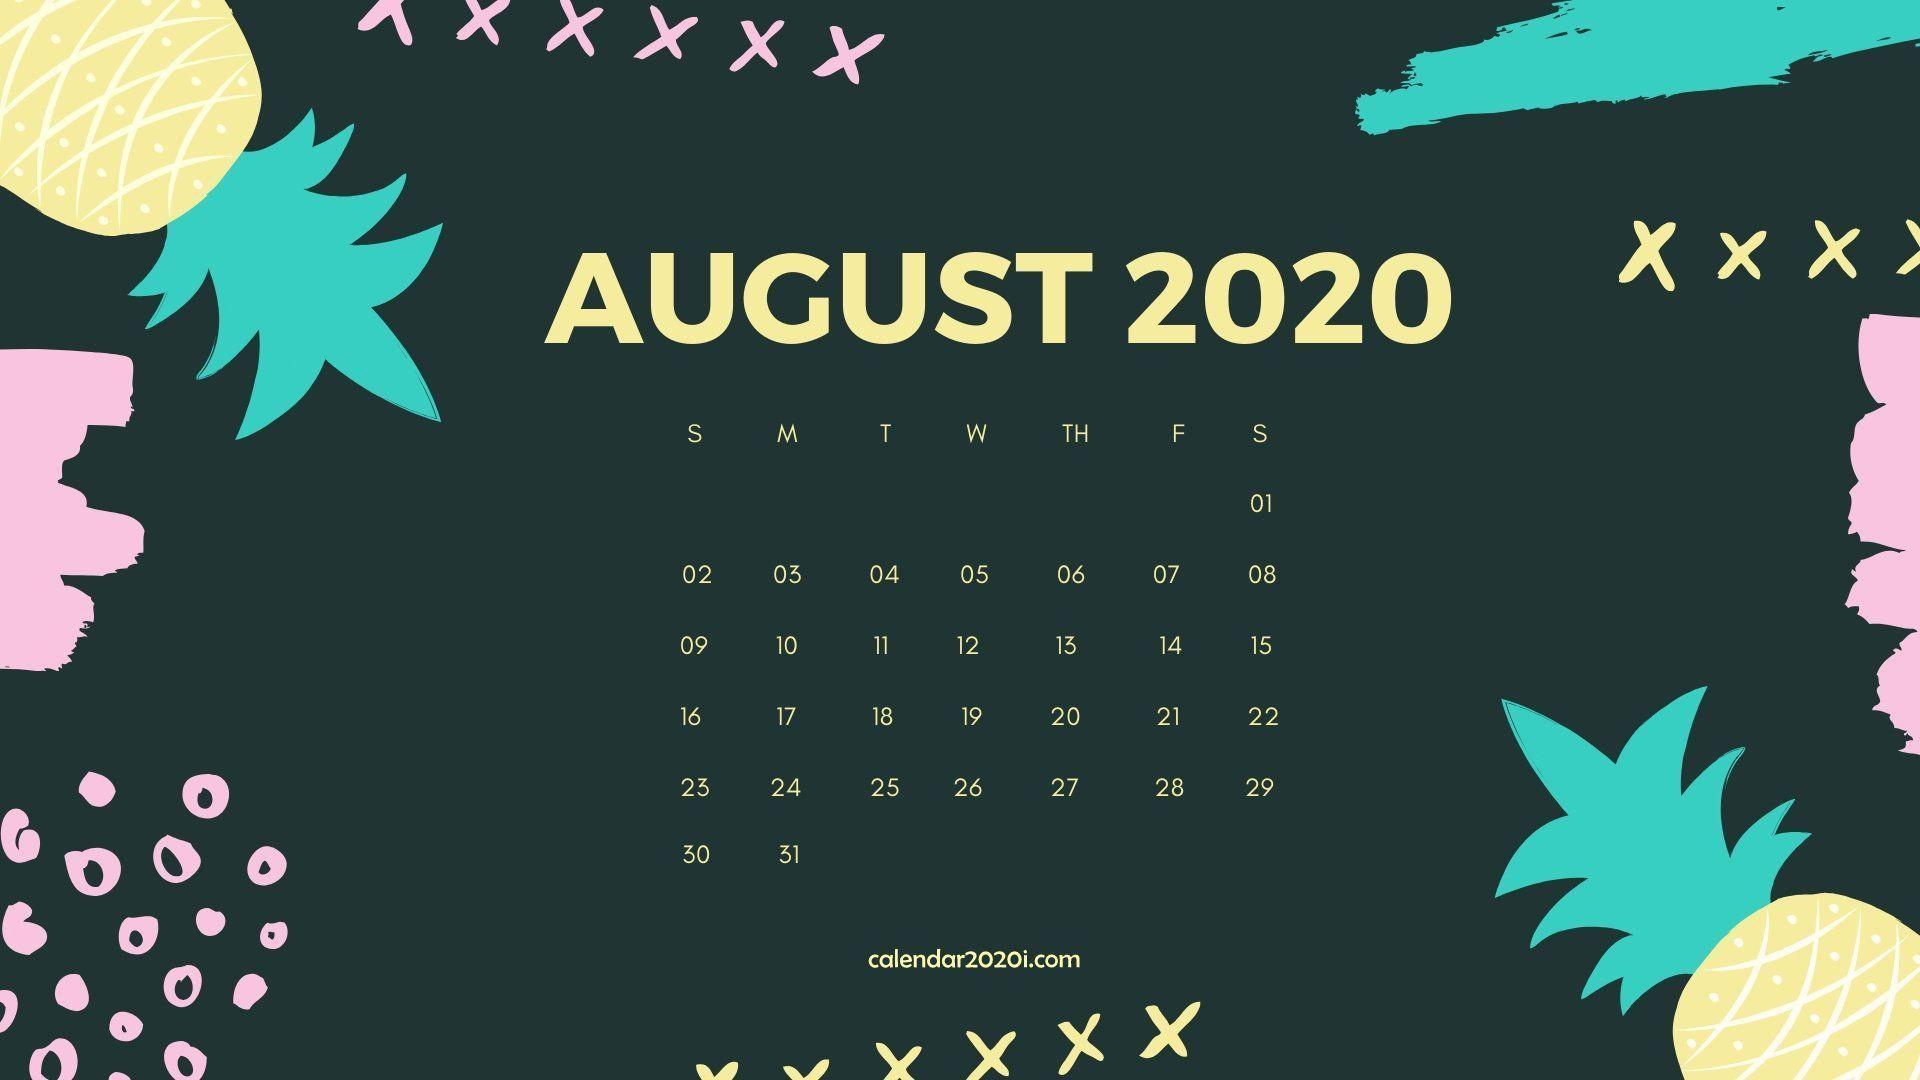 August 2020 Calendar Wallpapers   Top August 2020 Calendar 1920x1080